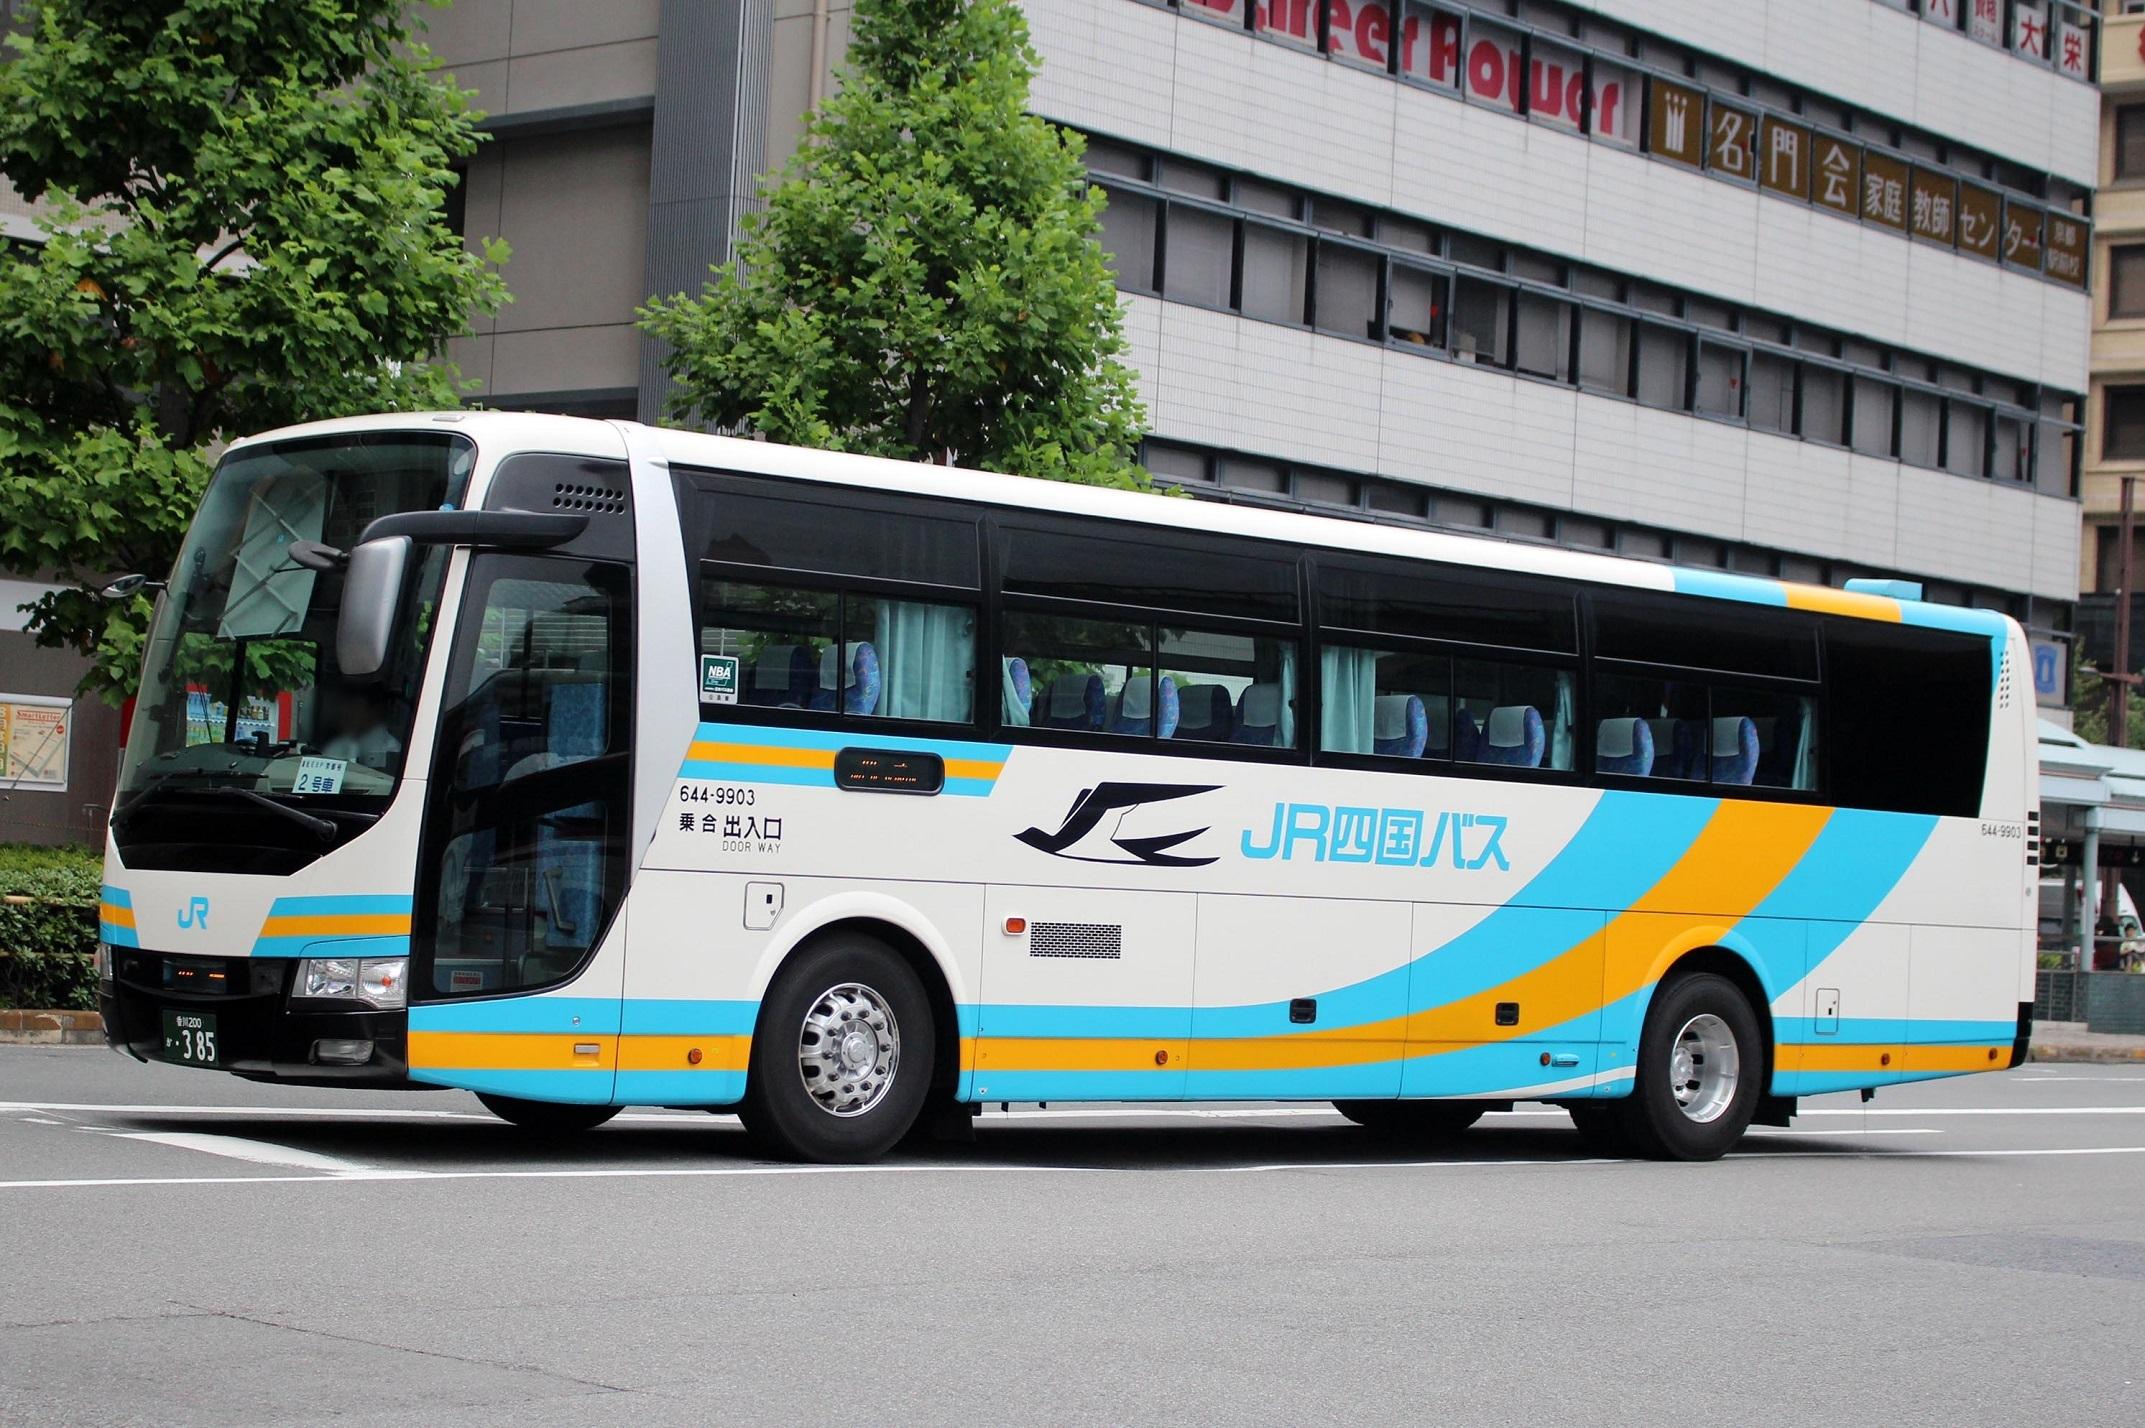 JR四国バス 644-9903